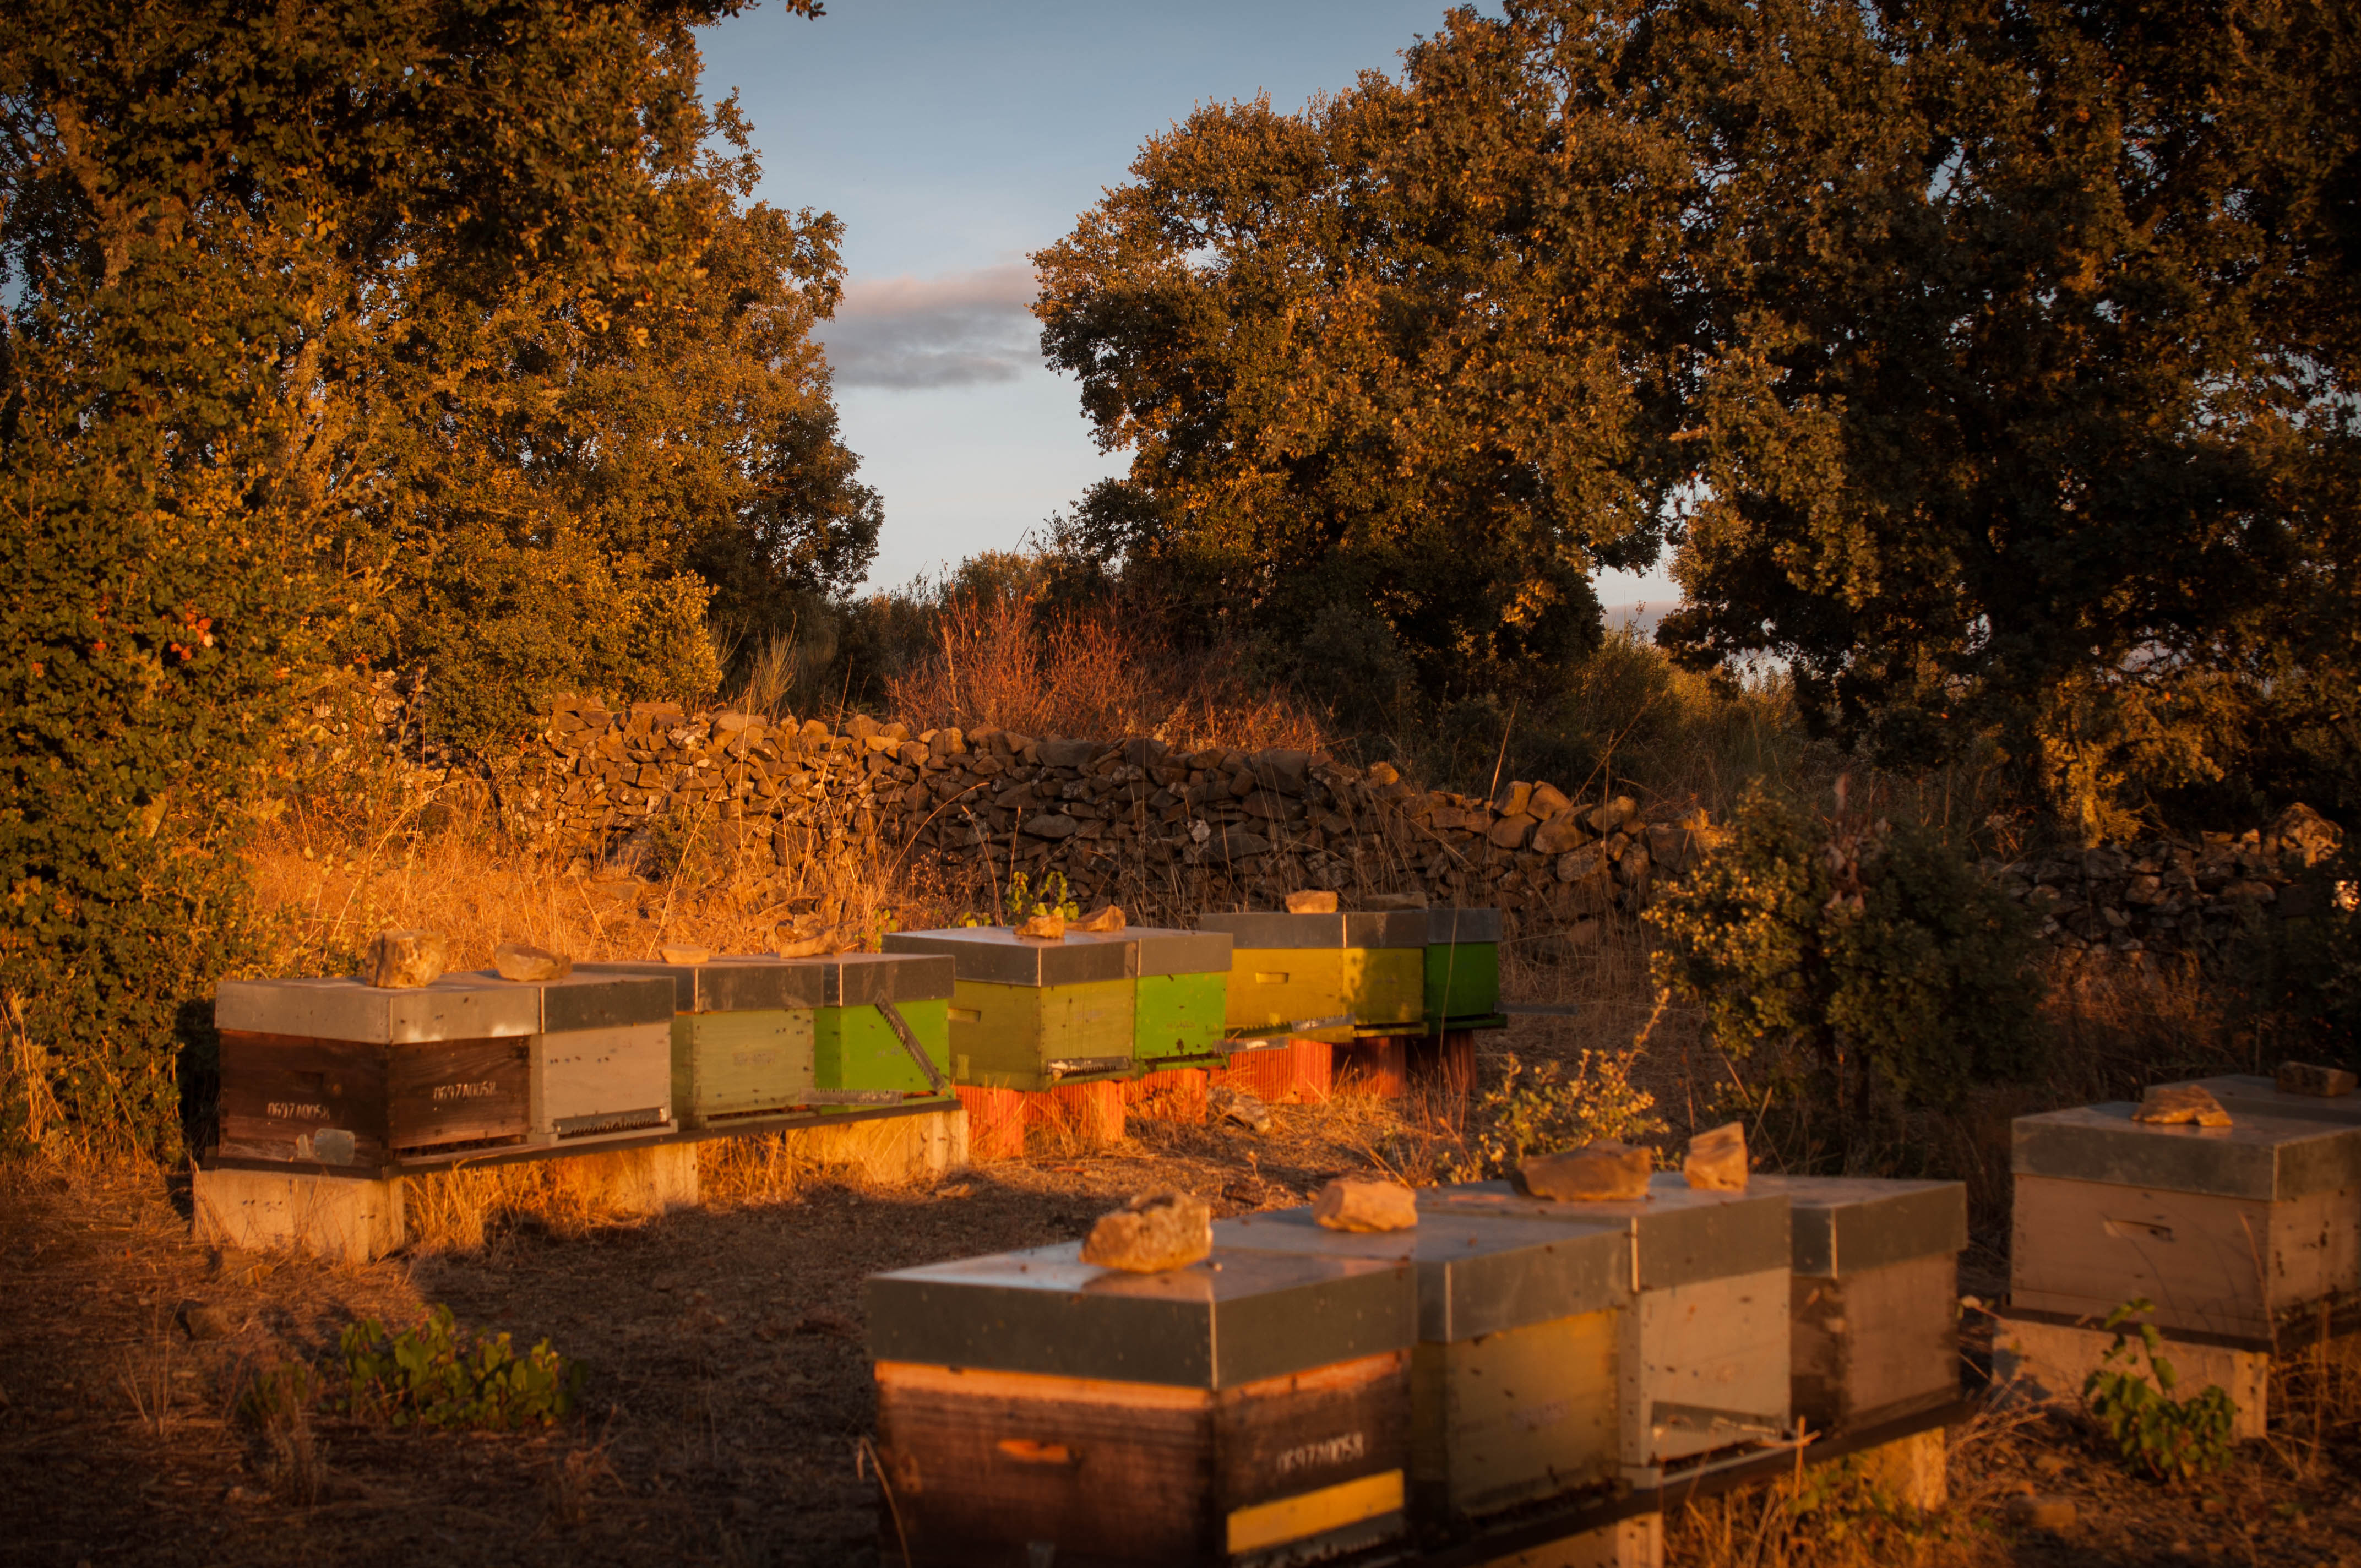 animal welfare bienestar animal Las obreras de aliste cb abejas miel apicultura estante